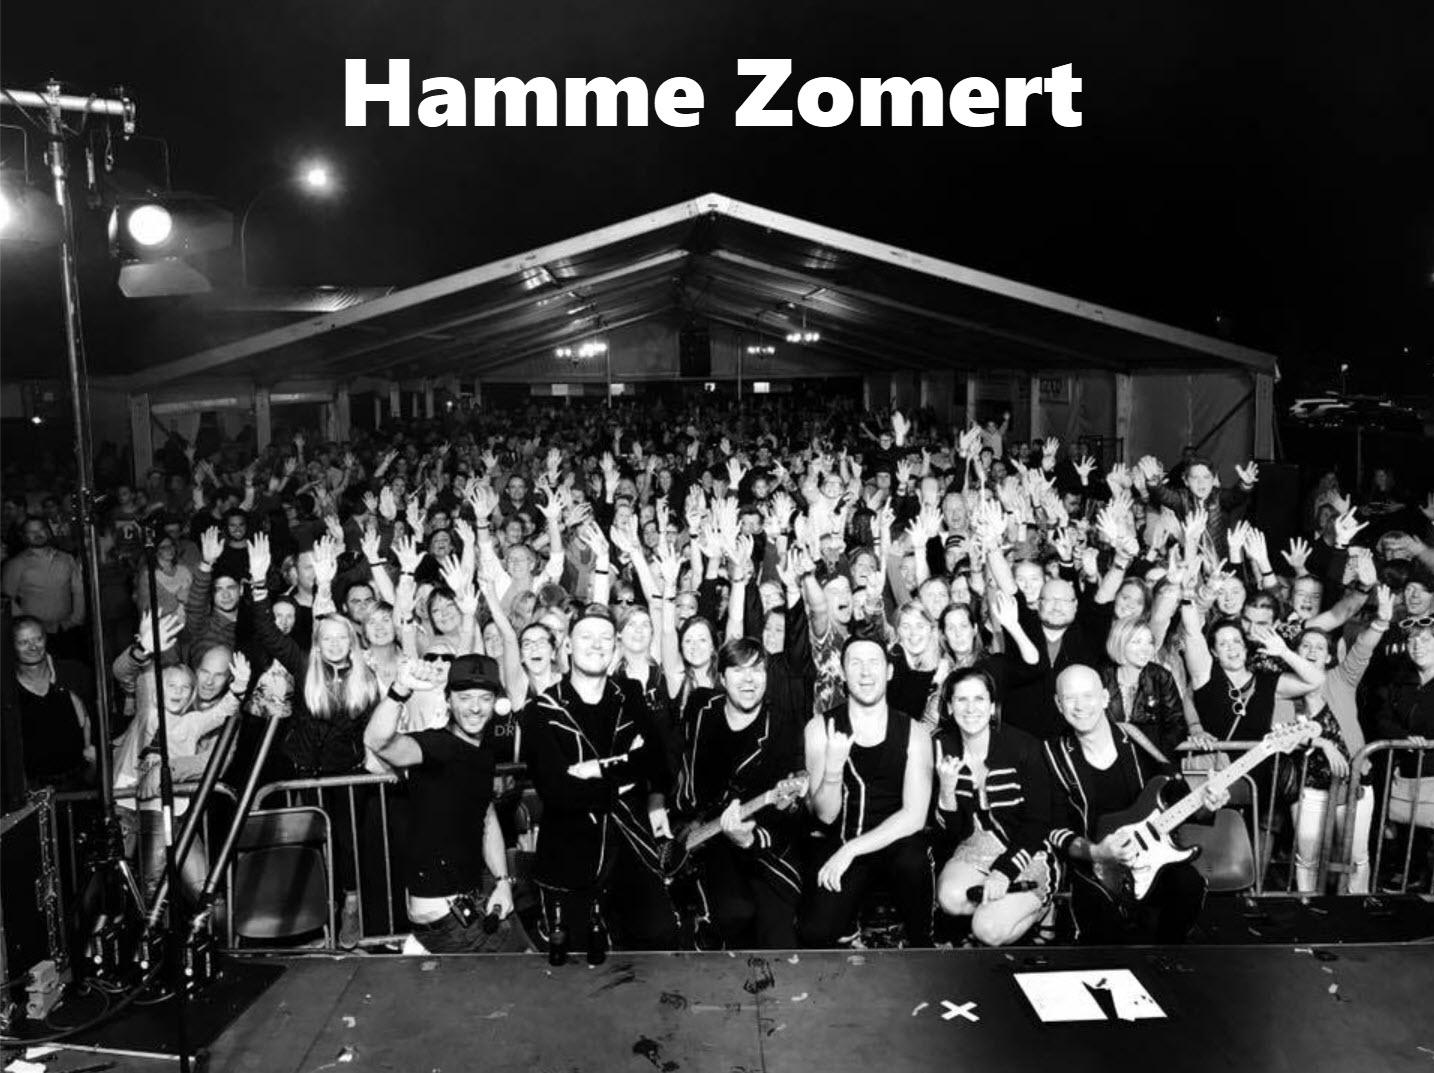 Hamme Zomert 2018